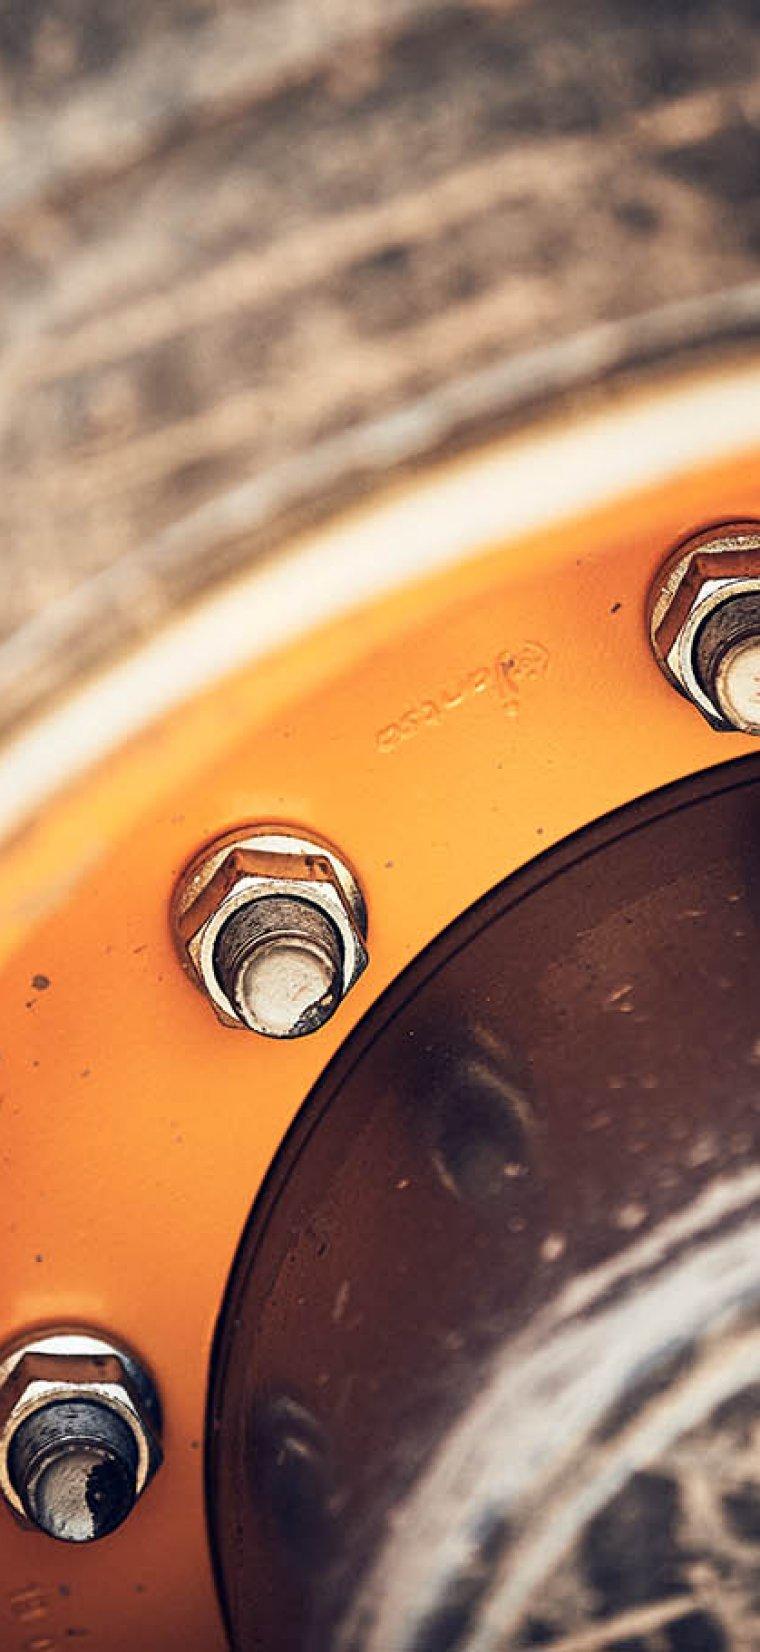 Detaljbild på hjul